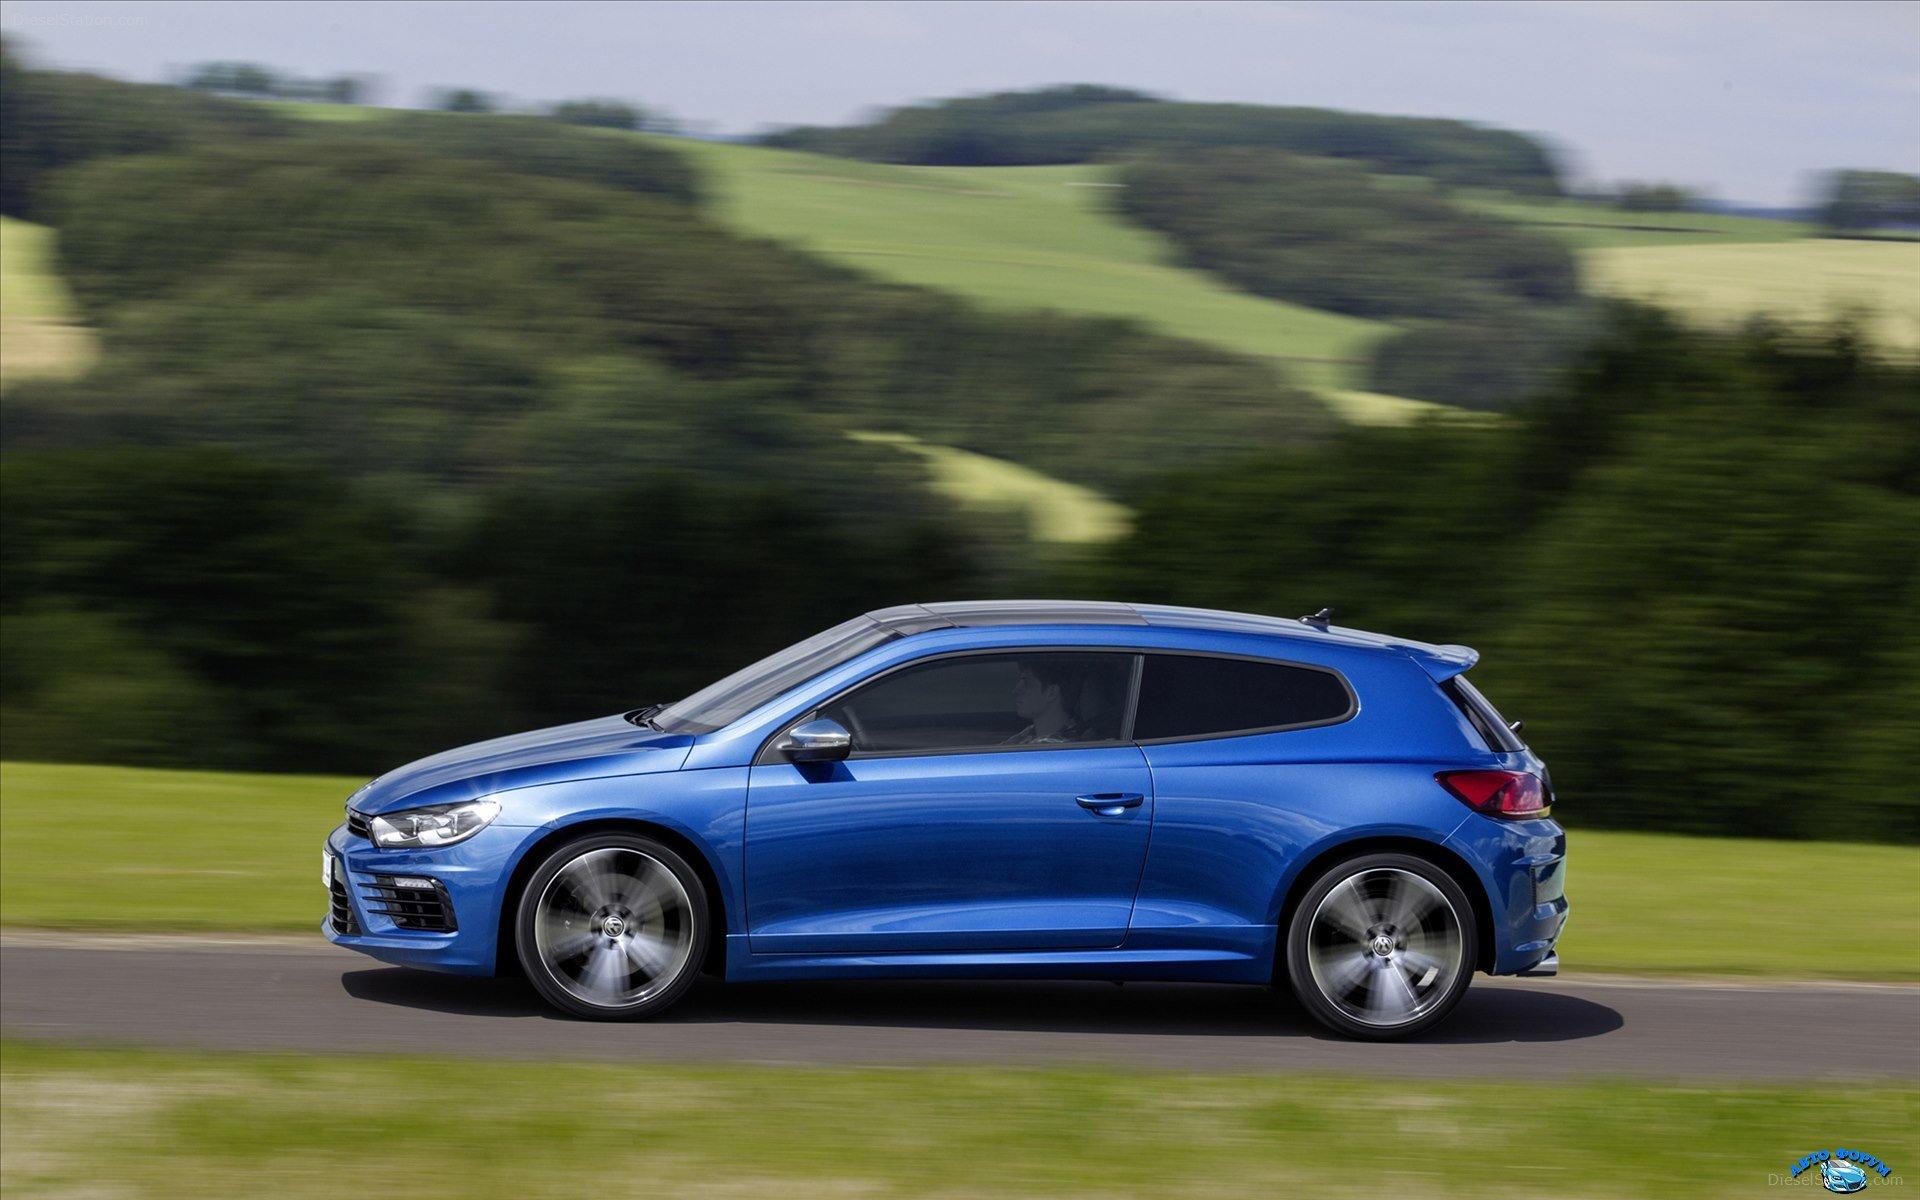 Volkswagen-Scirocco-R-2015-widescreen-24.jpg